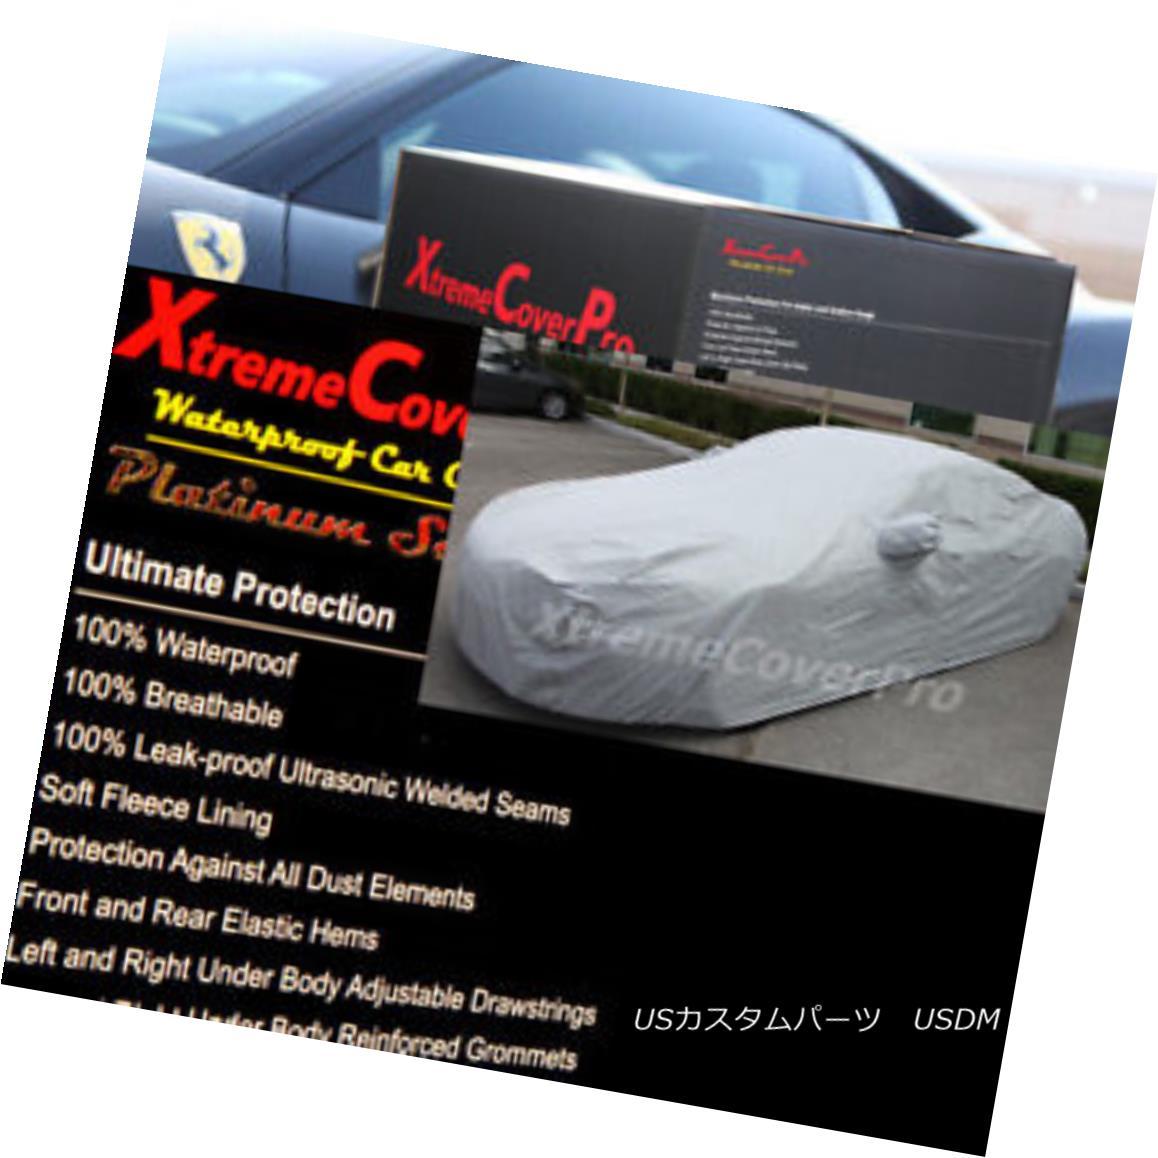 カーカバー 2015 TOYOTA PRIUS Waterproof Car Cover w/Mirror Pockets - Gray 2015 TOYOTA PRIUS防水カーカバー(ミラーポケット付) - グレー